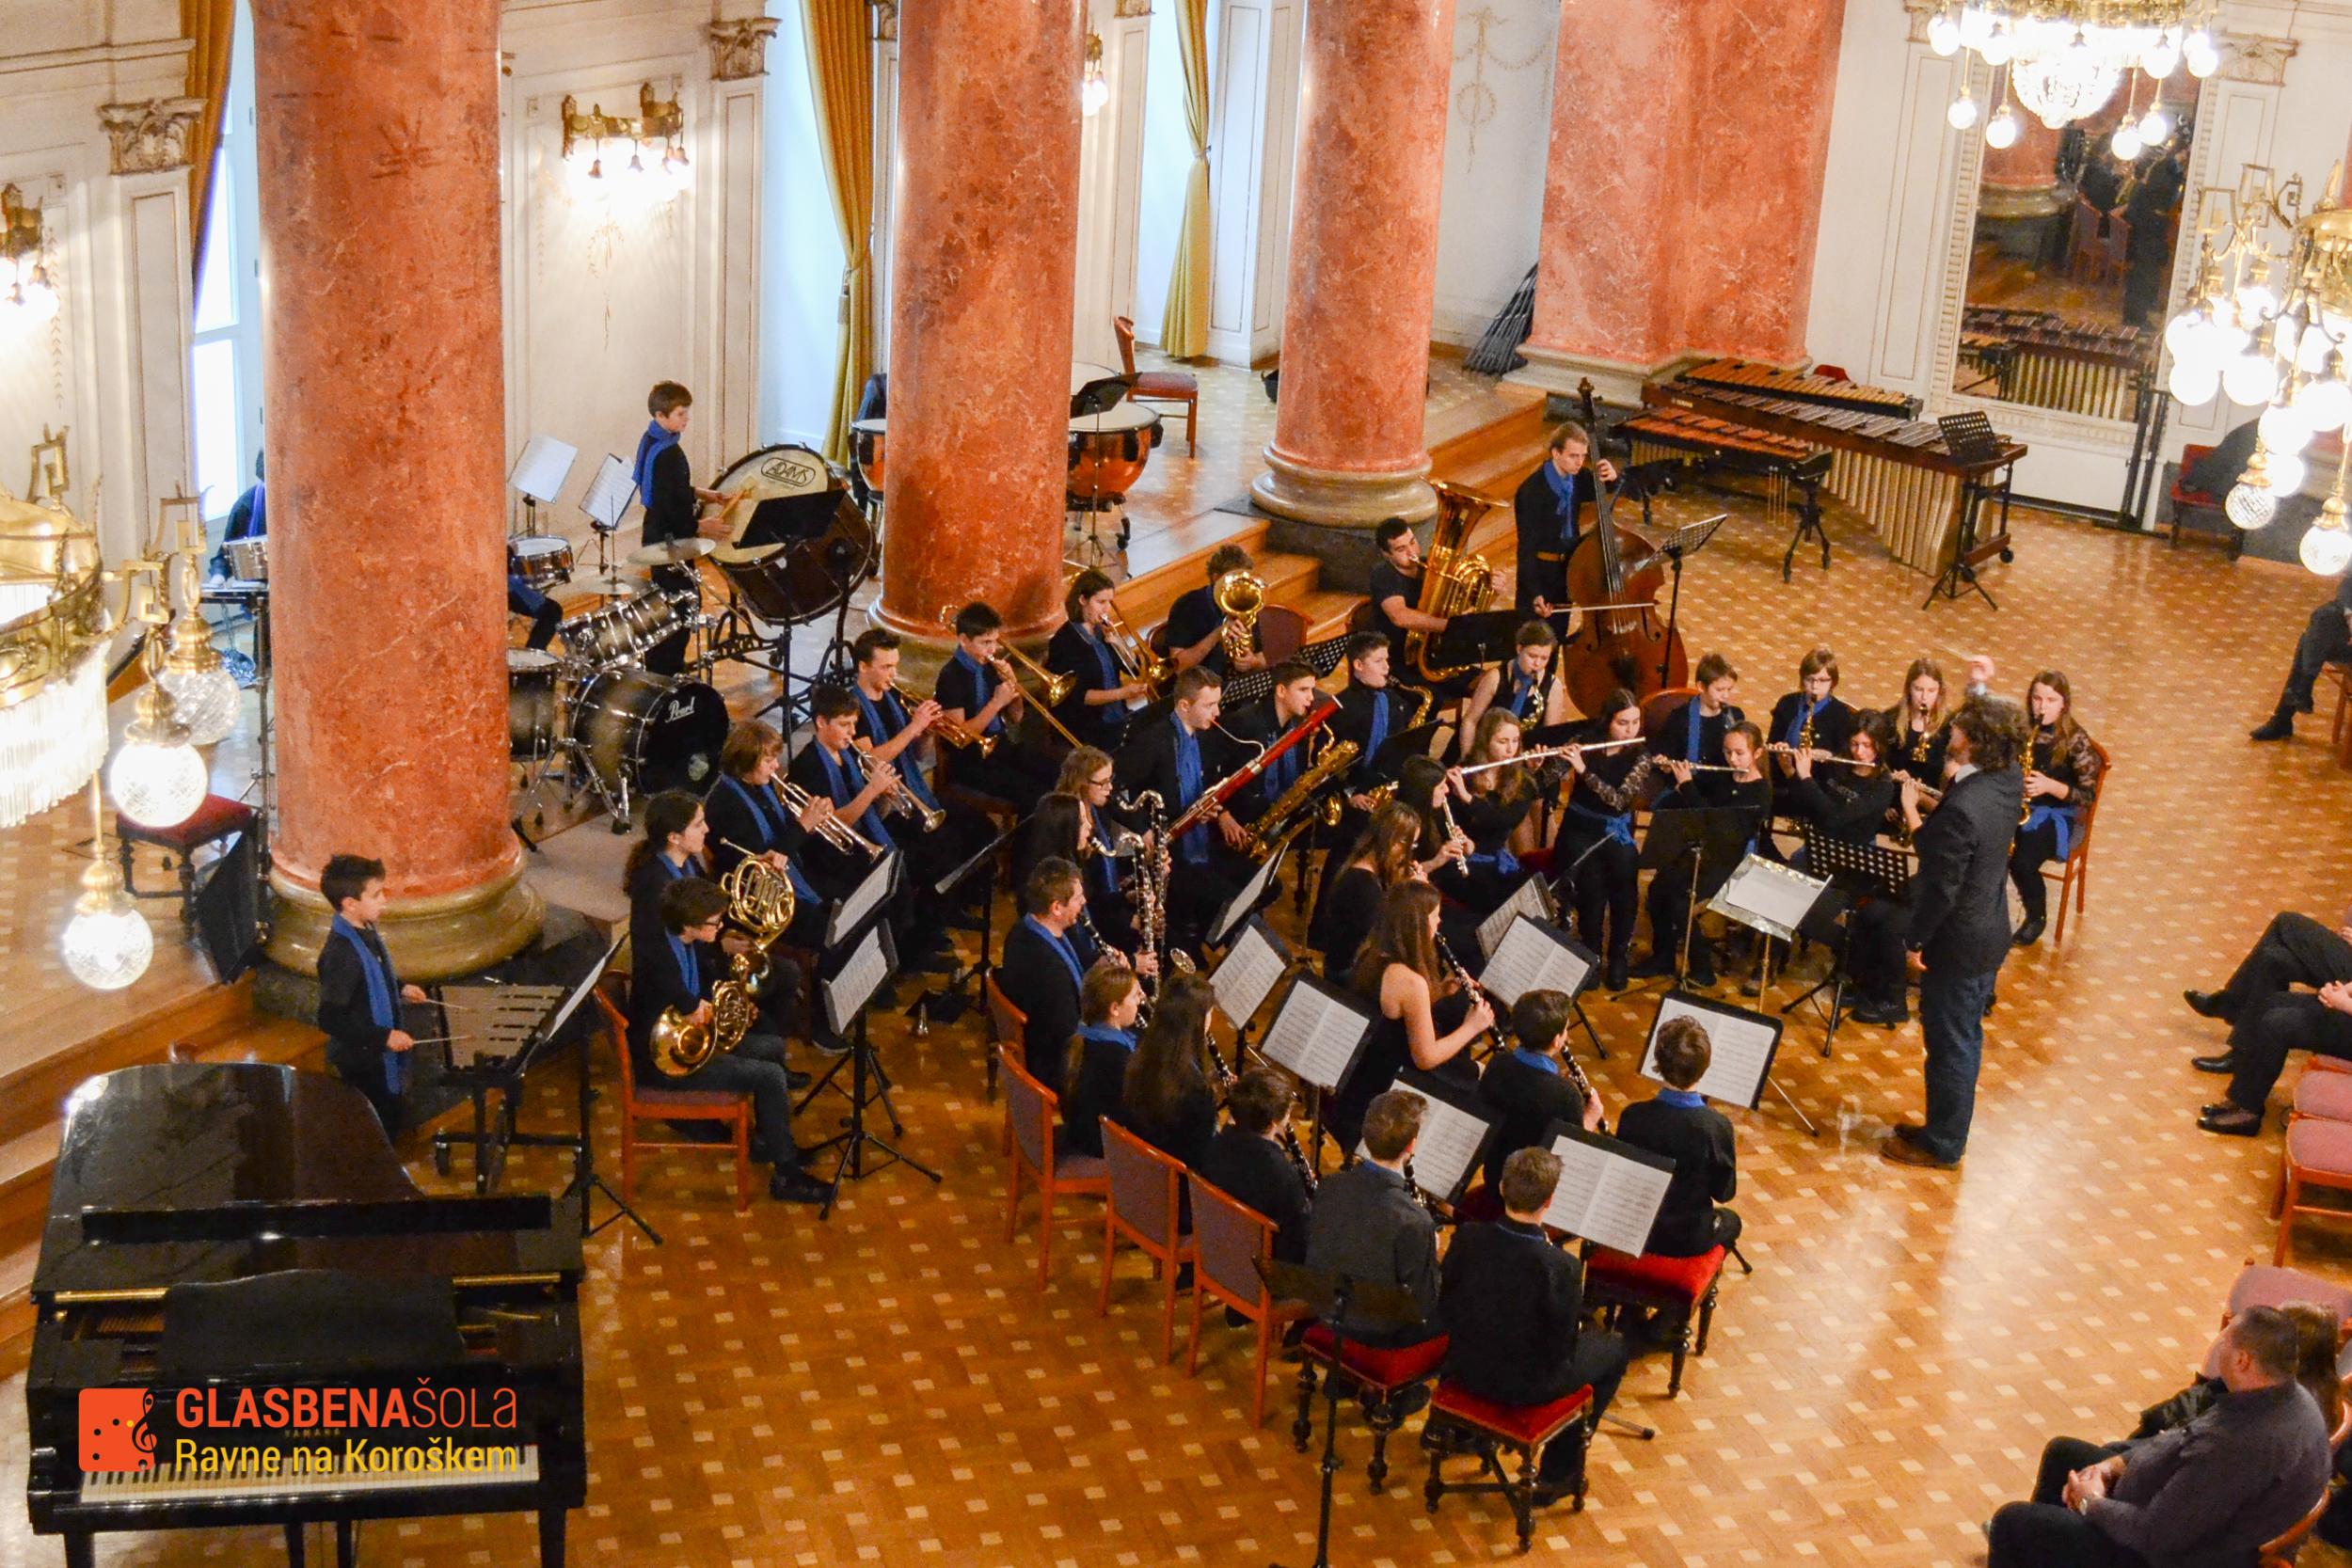 orkester_gs_ravne_rogaska-7